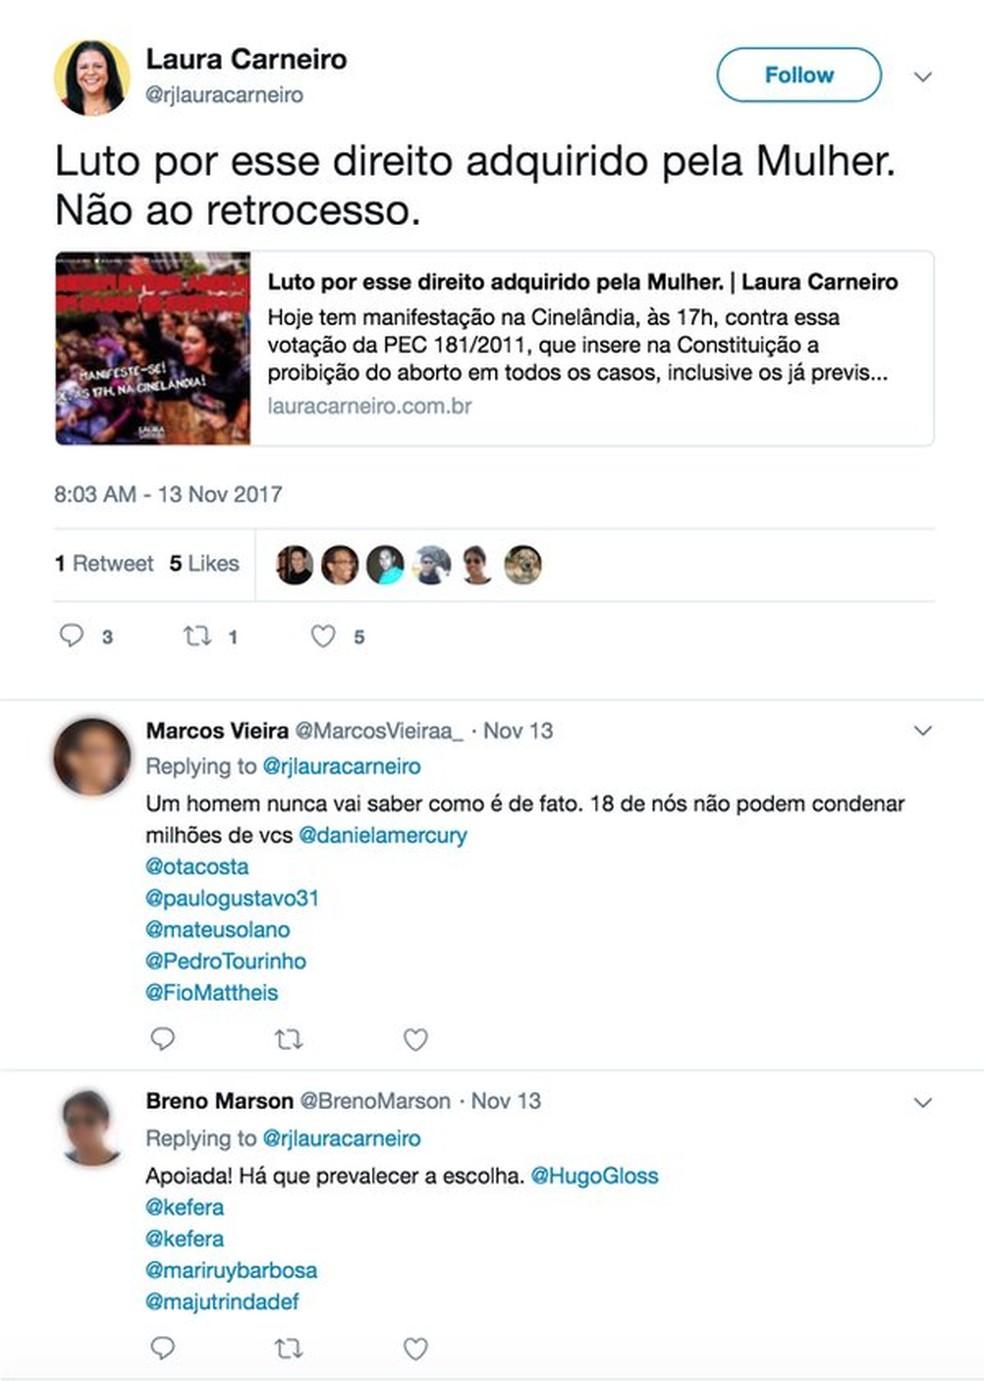 Perfis marcam Twitter de famosos em publicação de deputada na rede social (Foto: Reprodução, Twitter)